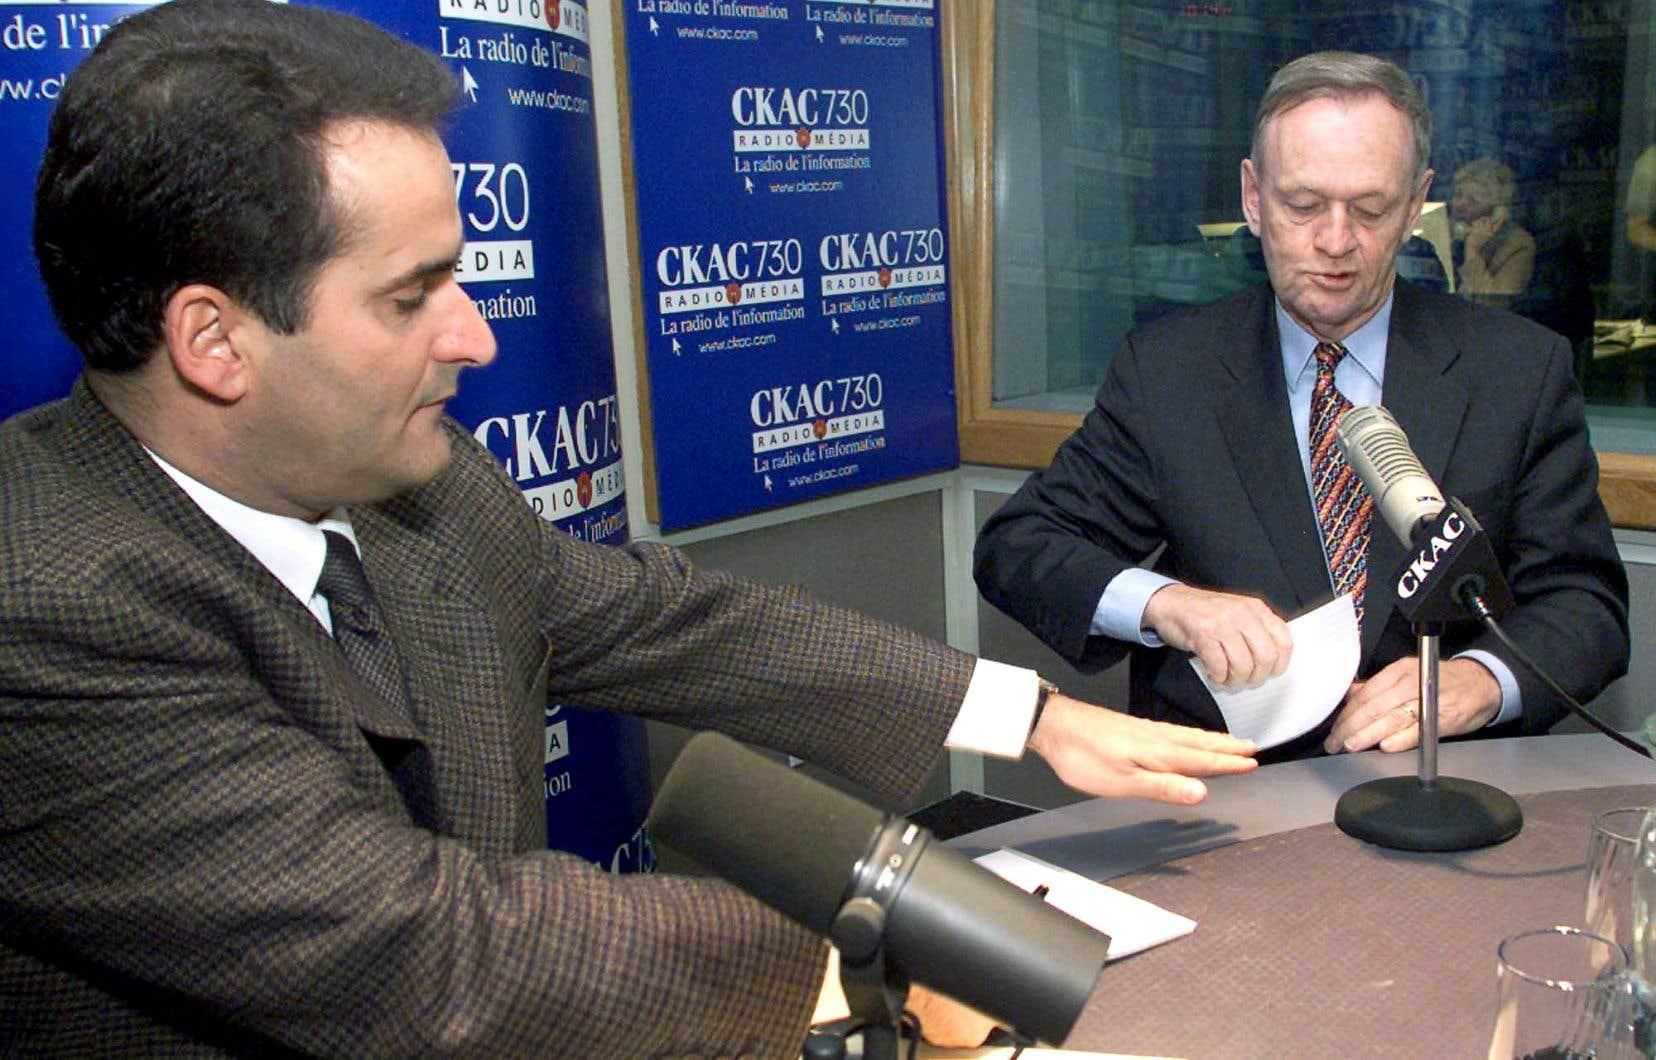 Jean Lapierre, devenu animateur à la radio, s'apprête à faire une interview avec Jean Chrétien, alors premier ministre du Canada, en novembre 2000.